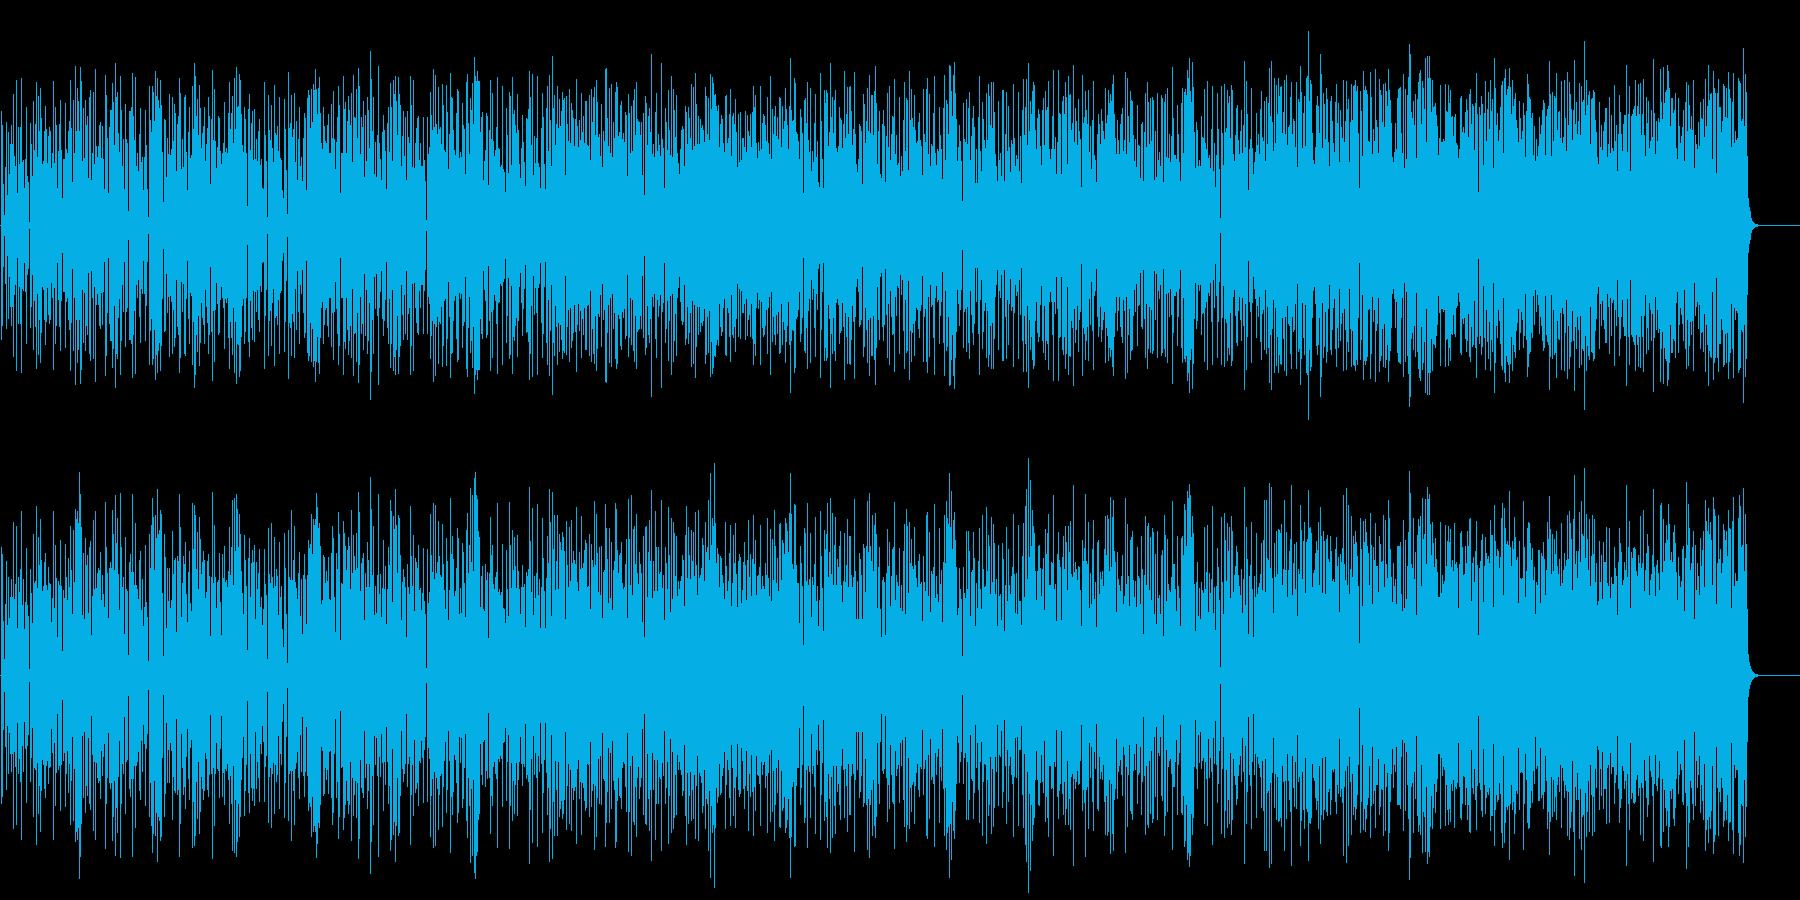 ファッショナブルなポップ/フュージョンの再生済みの波形